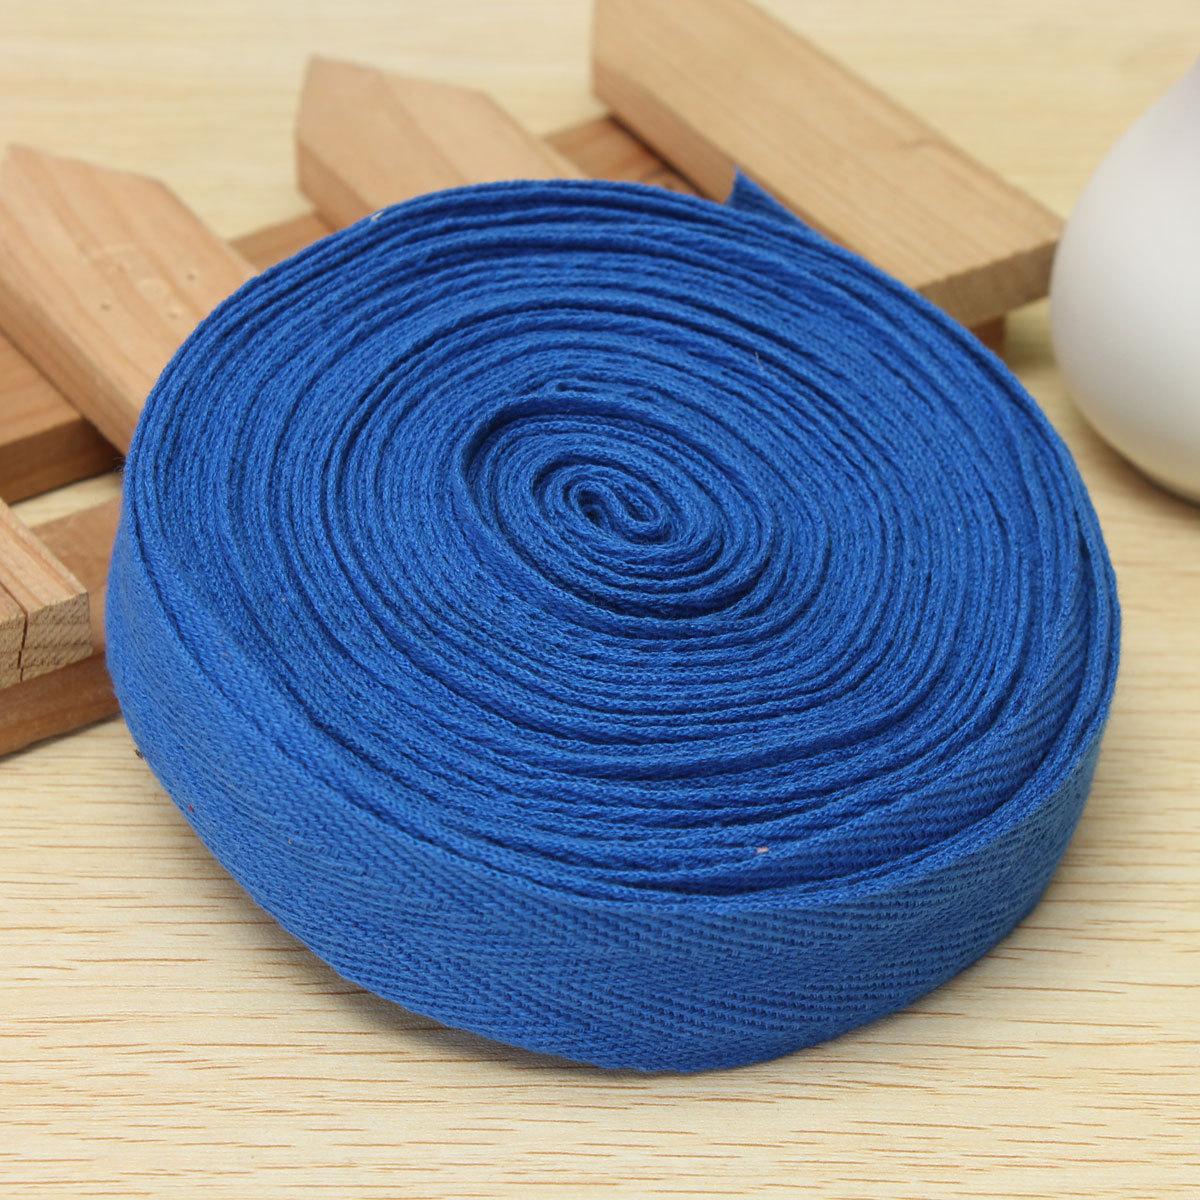 25mmx10m Cotton Webbing Herringbone Twill Tape Sew Strap ...